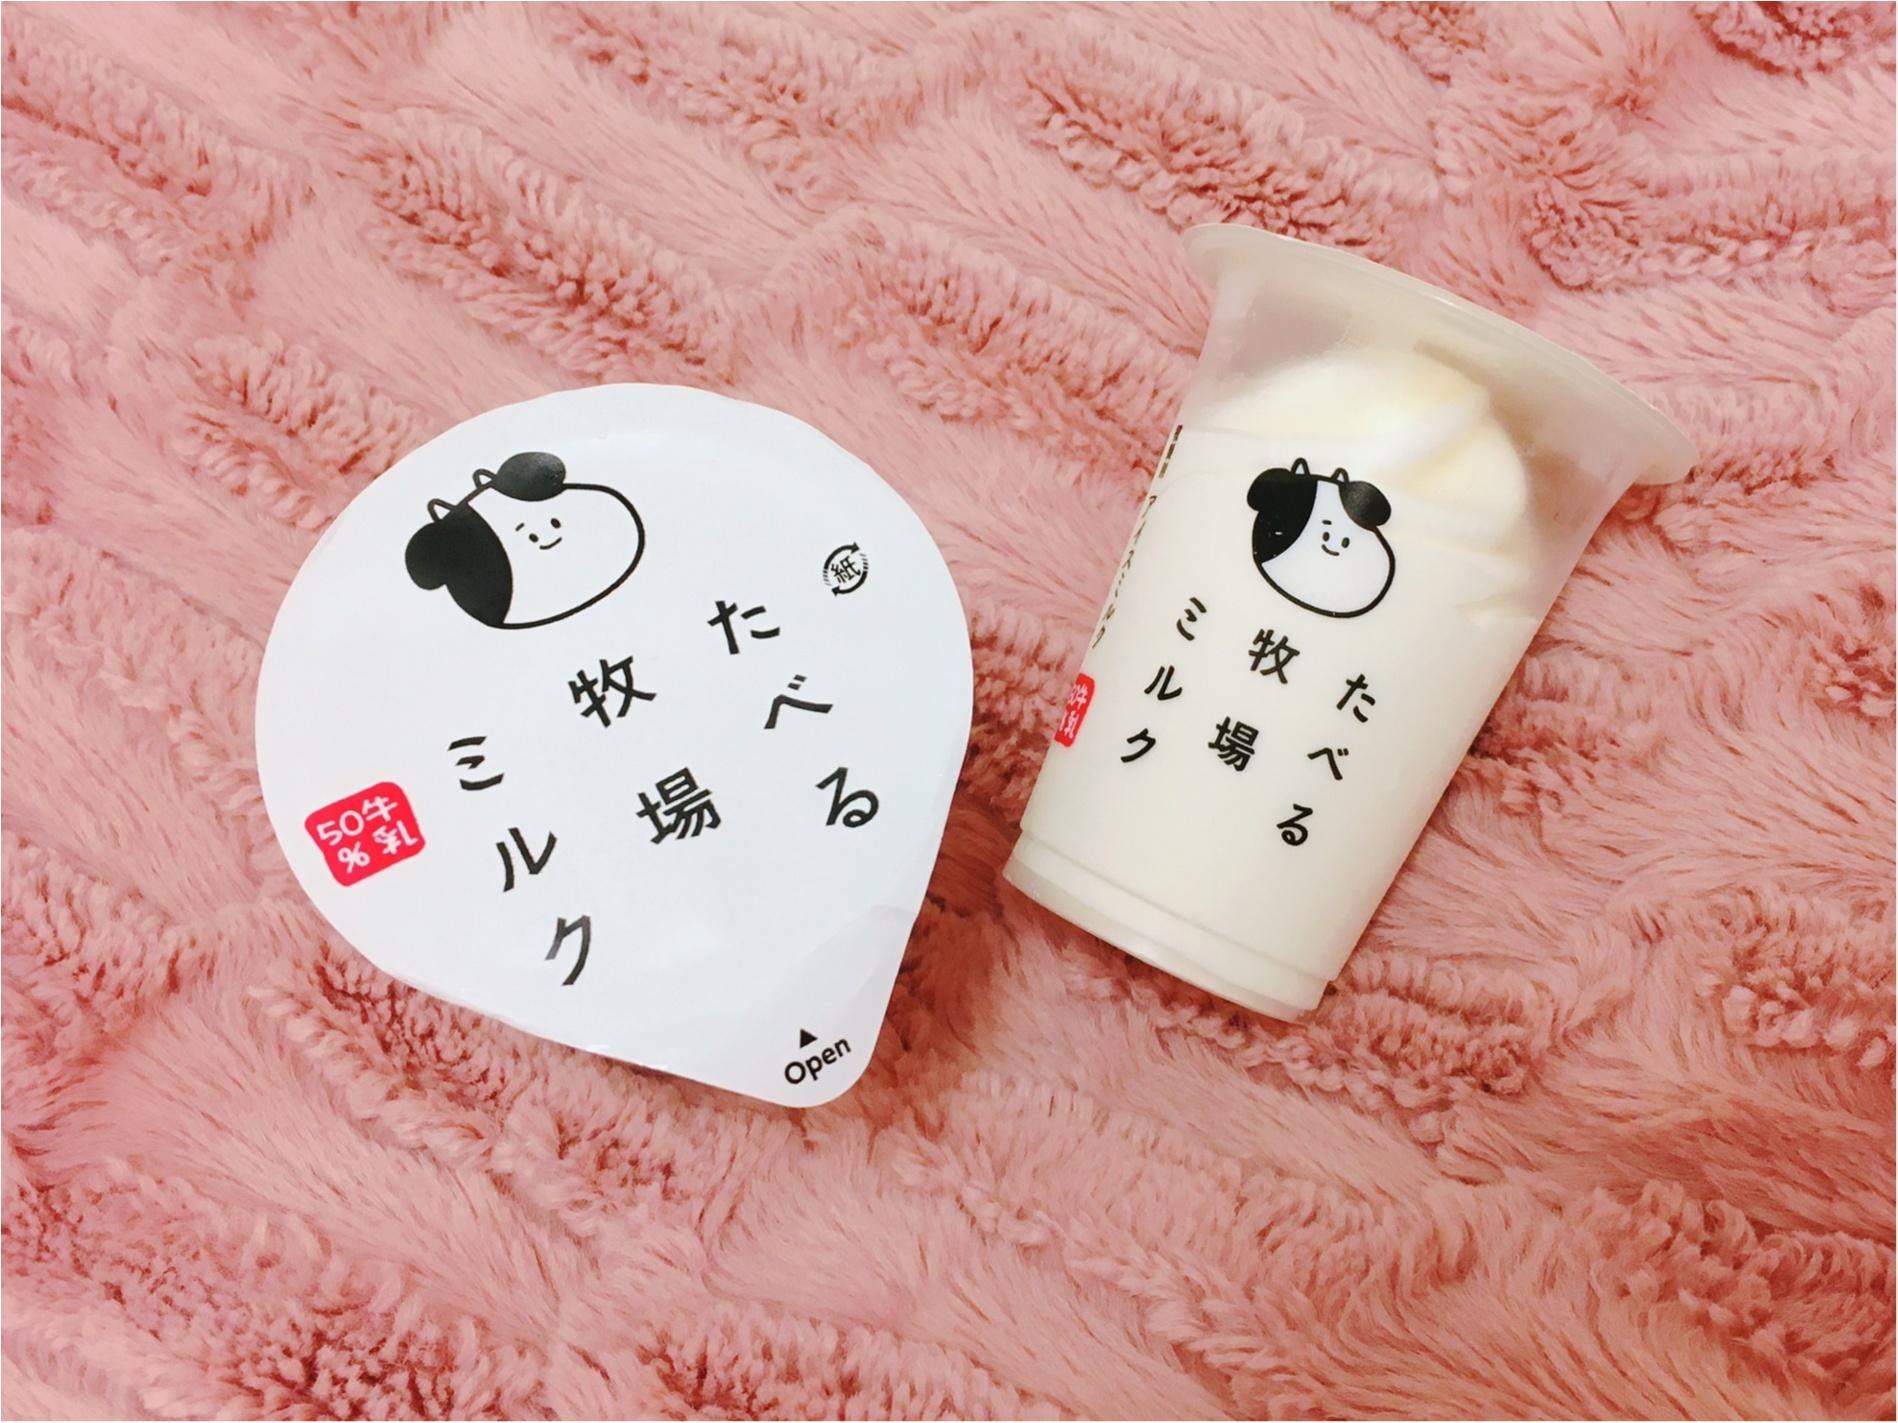 【ファミリーマート】話題のアイス『たべる牧場ミルク』がゆるかわいい!見つけたら即ゲットして‼︎_1